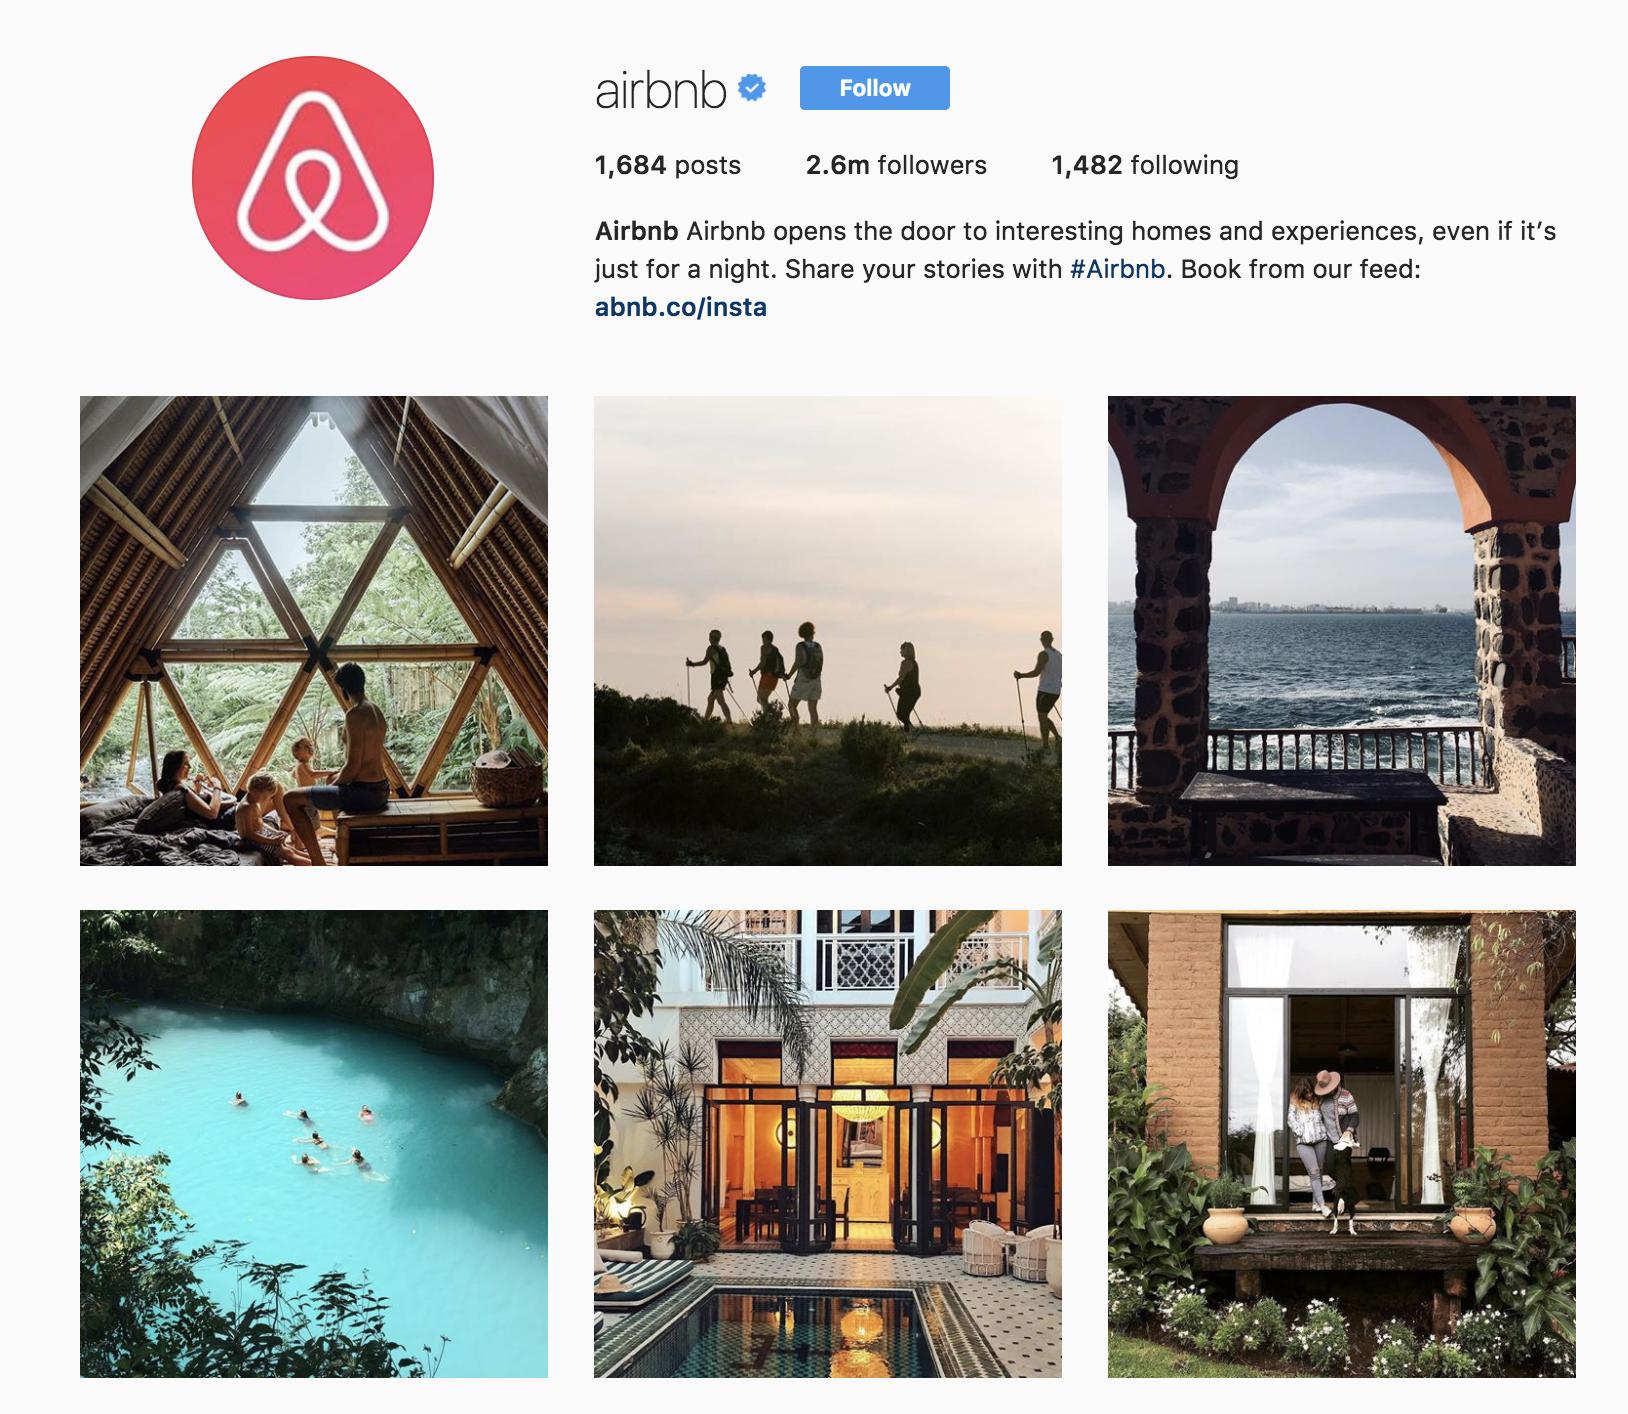 airbn-best-brands-on-instagram